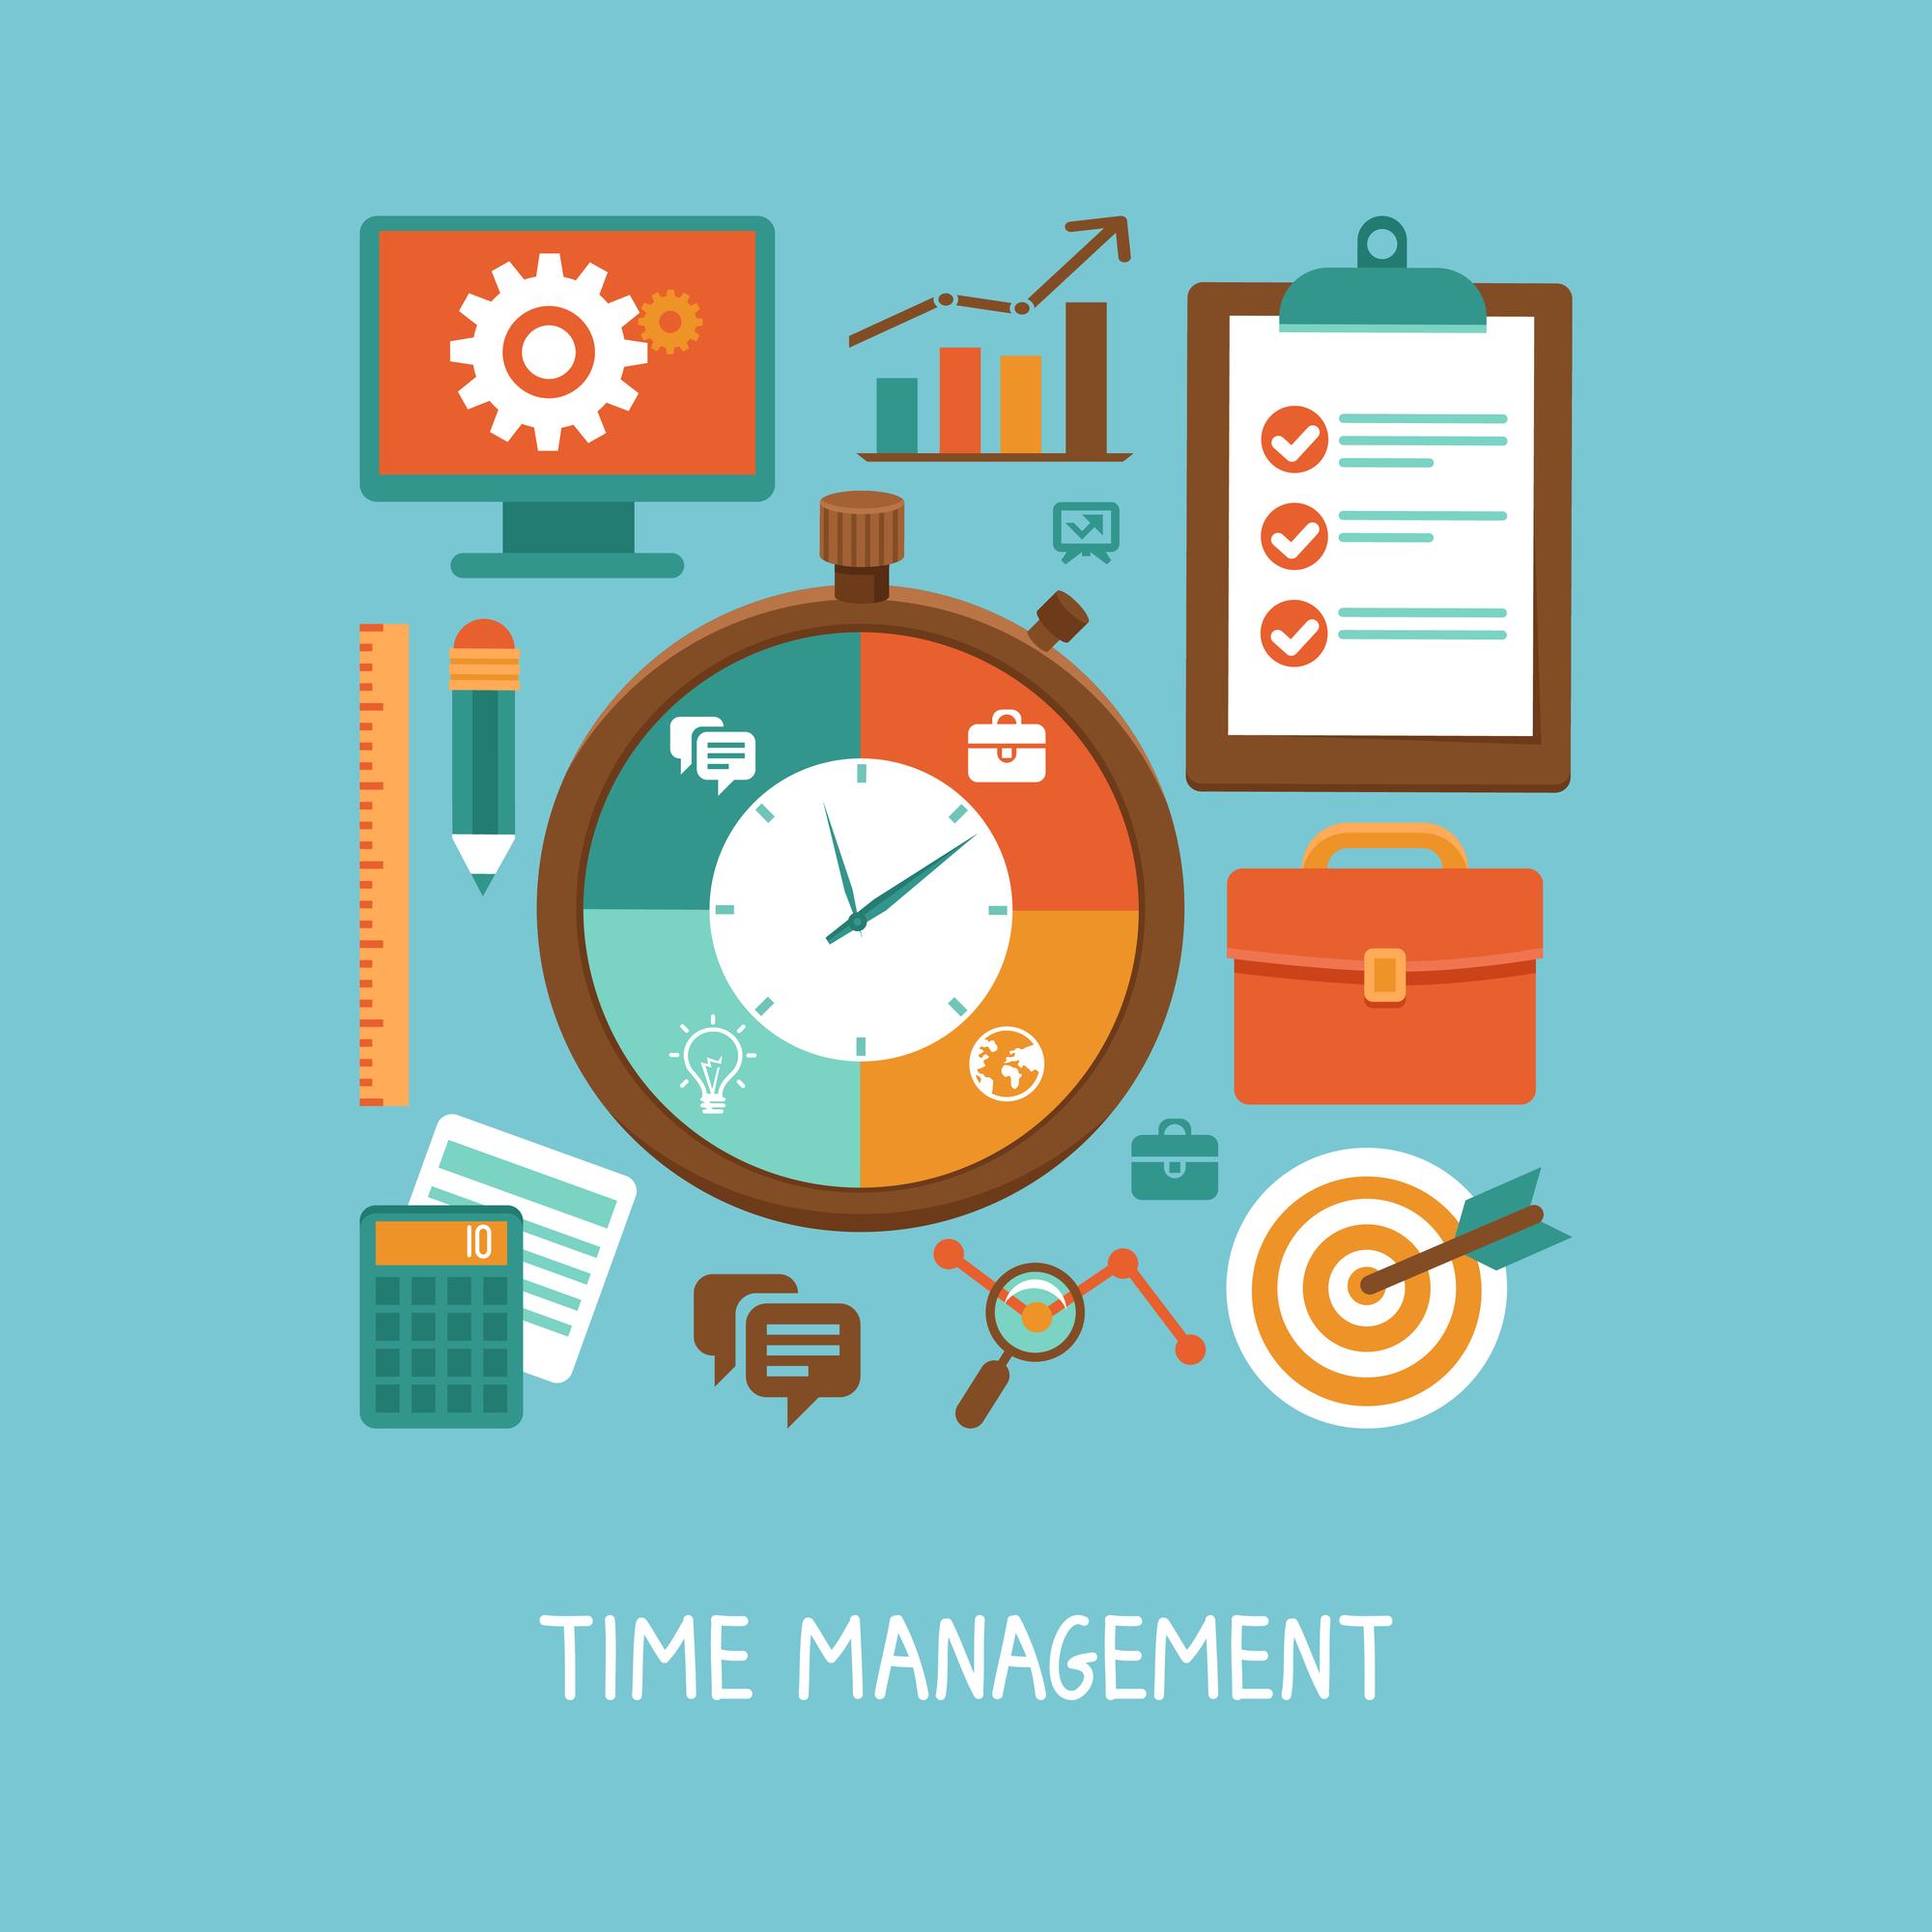 Protocolos de control de tiempo de trabajo, metodología de registro de jornada y su digitalización en el sector vinícola